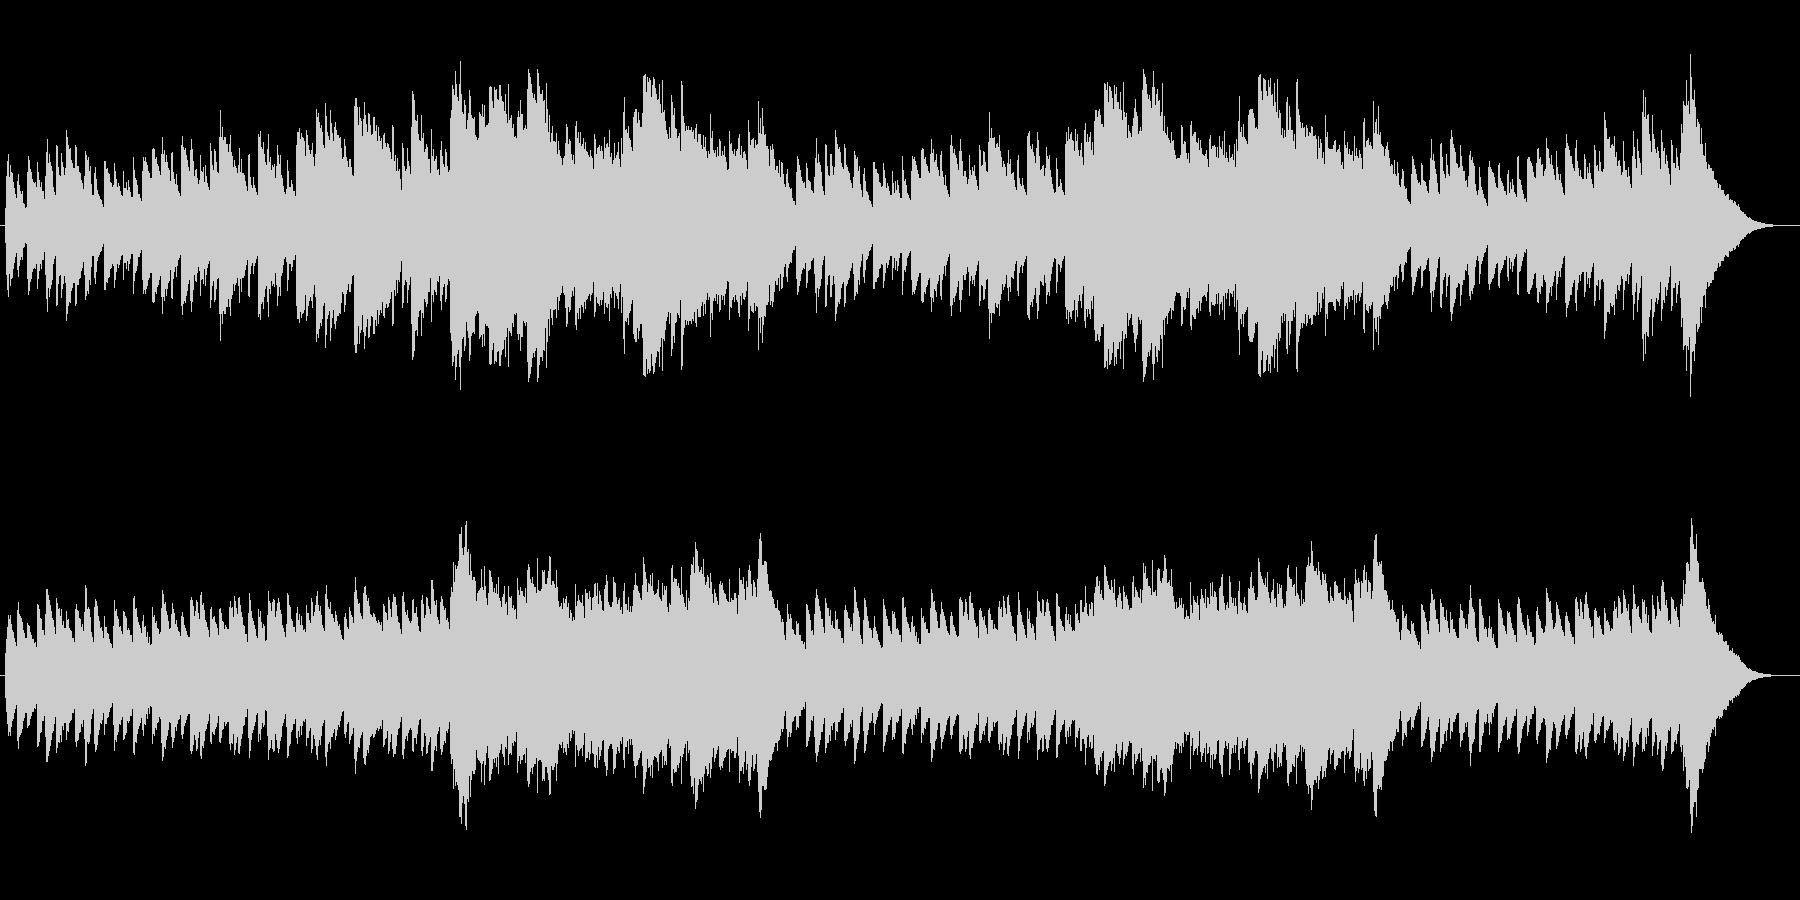 アップテッポで悲しい音楽の未再生の波形